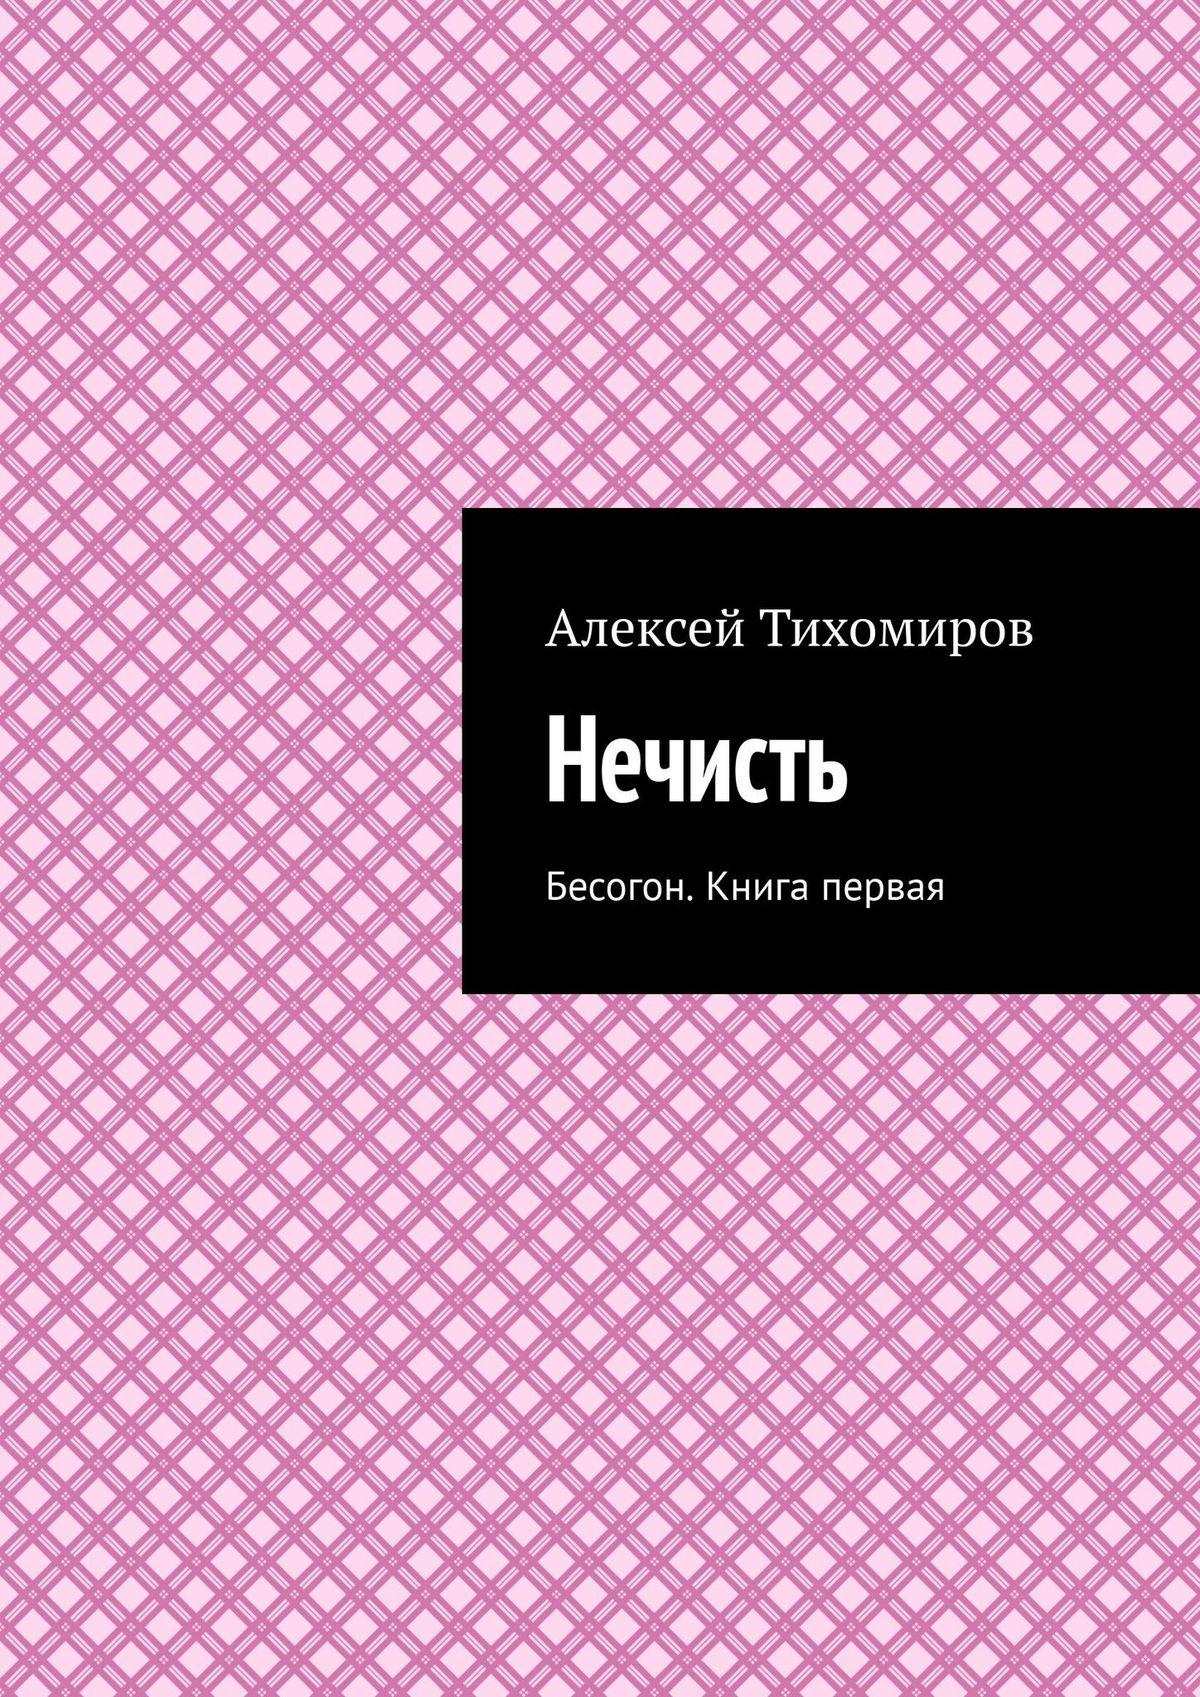 Алексей Тихомиров. Нечисть